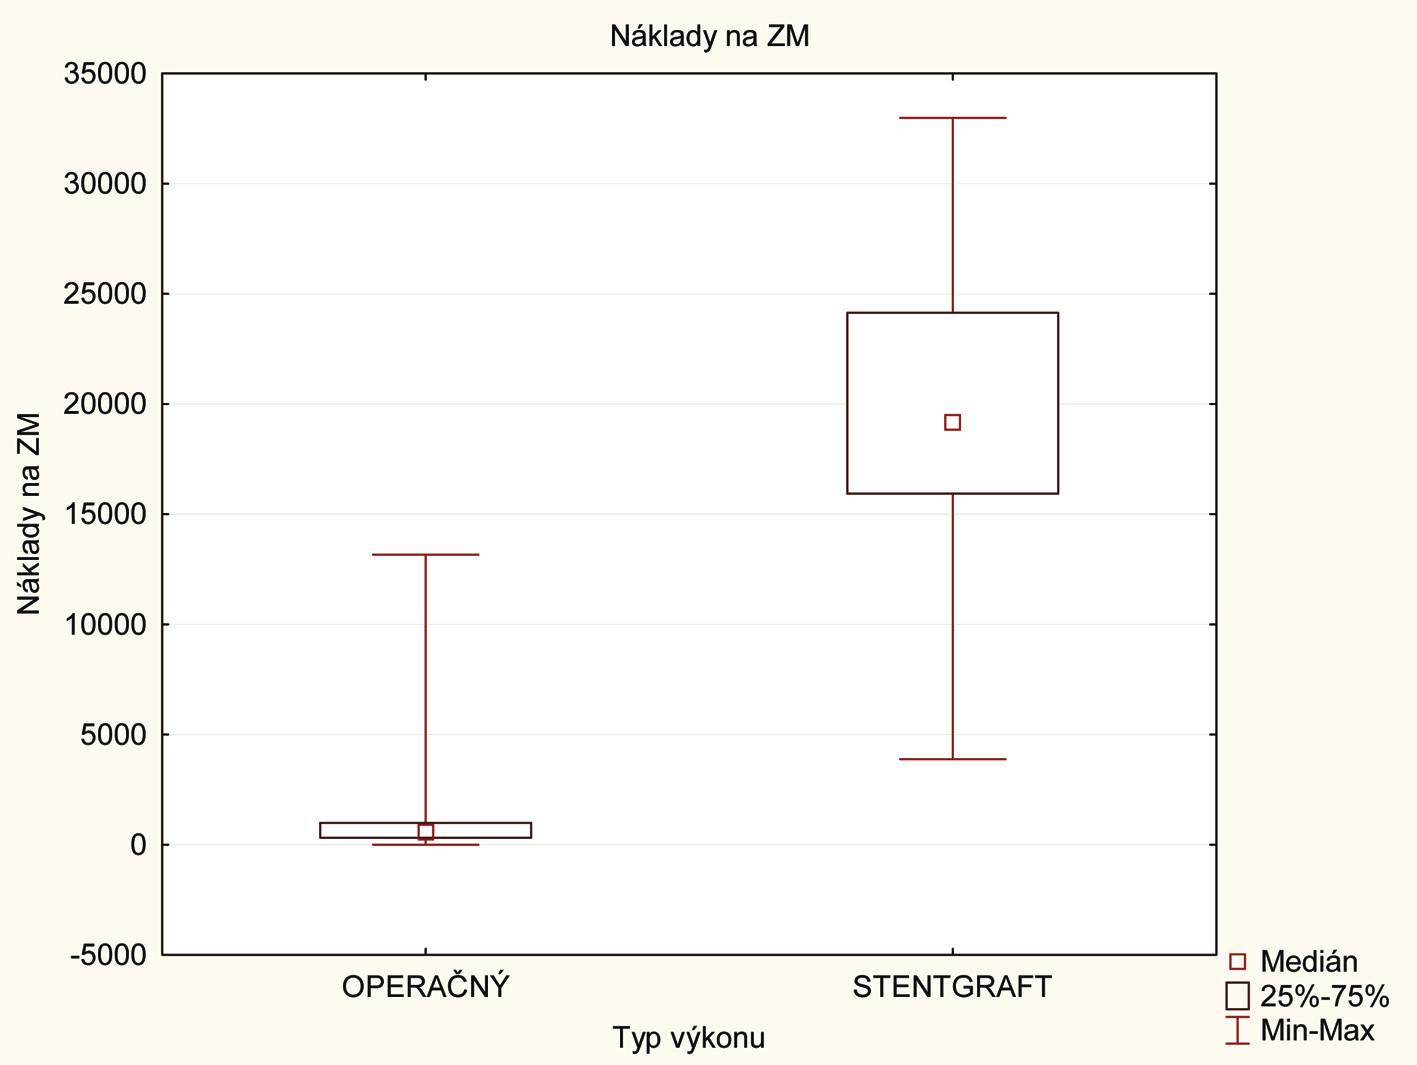 Krabicový graf porovnania nákladov na ZM so znázornením mediánu, kvartilov (25–75%) a variačného rozpätia Graph 5: Box charts comparing the costs of ZM, showing the median, quartiles (25–75%) and the variation margin